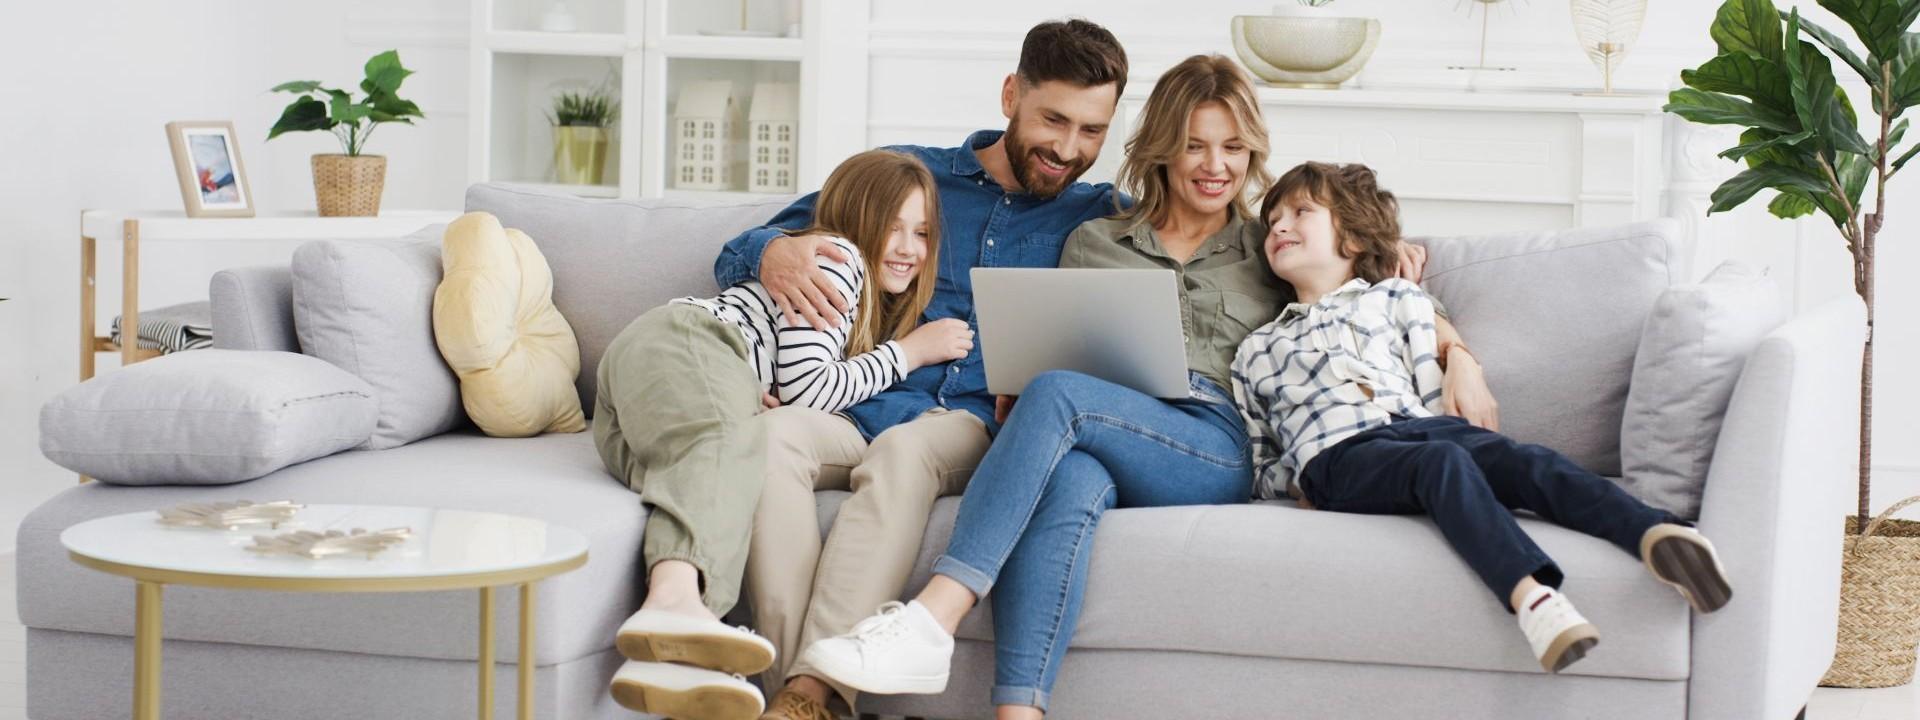 Eine Familie mit zwei Kindern sitzen gemeinsam auf einem Sofa im Wohnzimmer. Alle schauen gemeinsam auf einen Laptop und lachen ausgiebig.